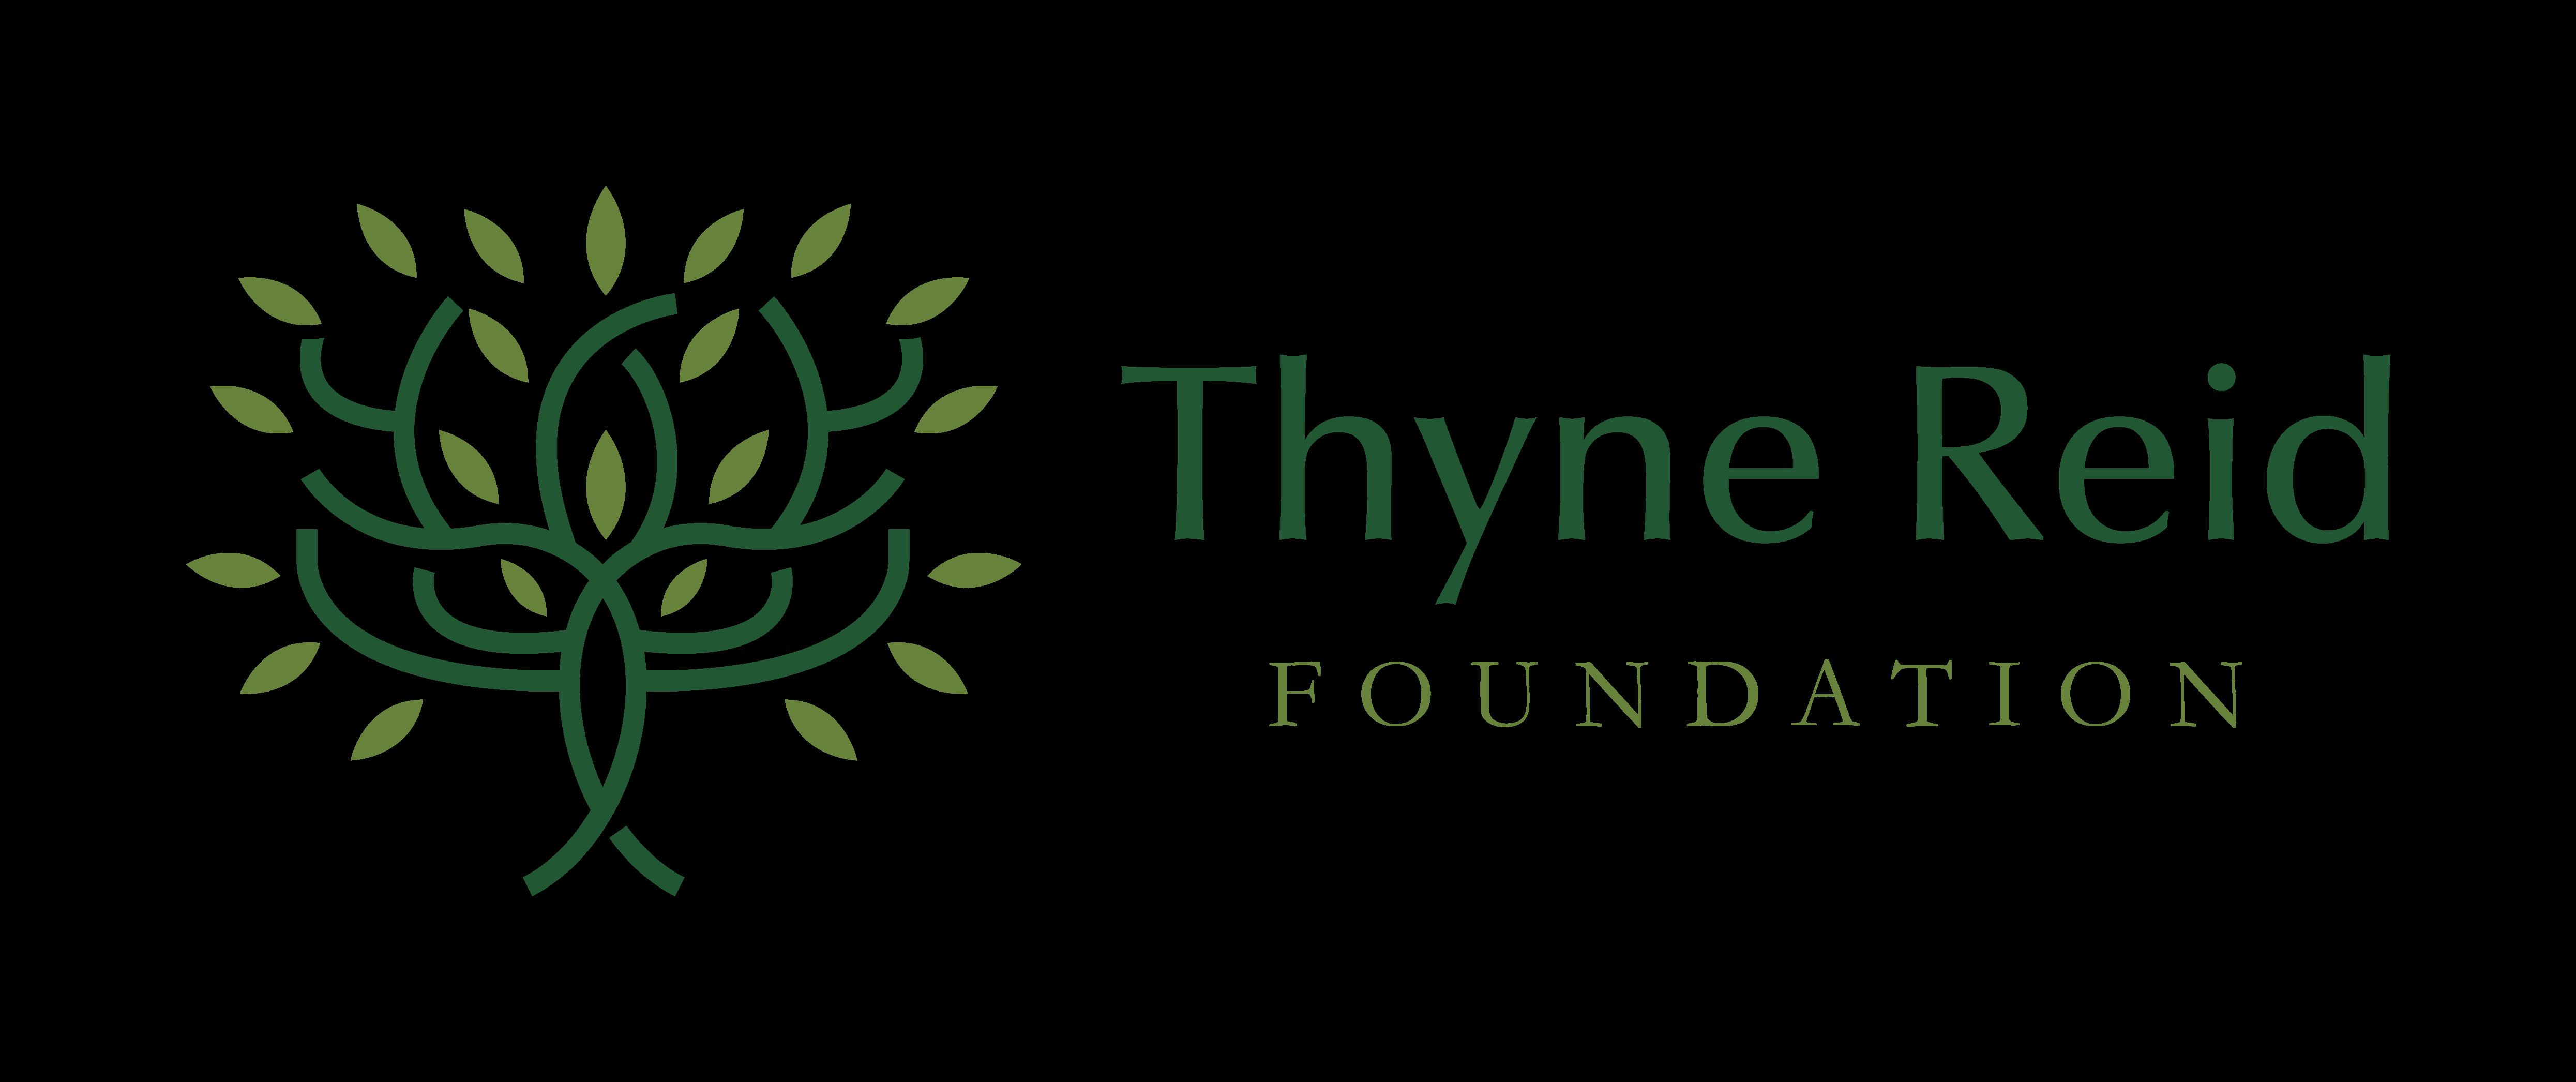 thyne reid foundation logo